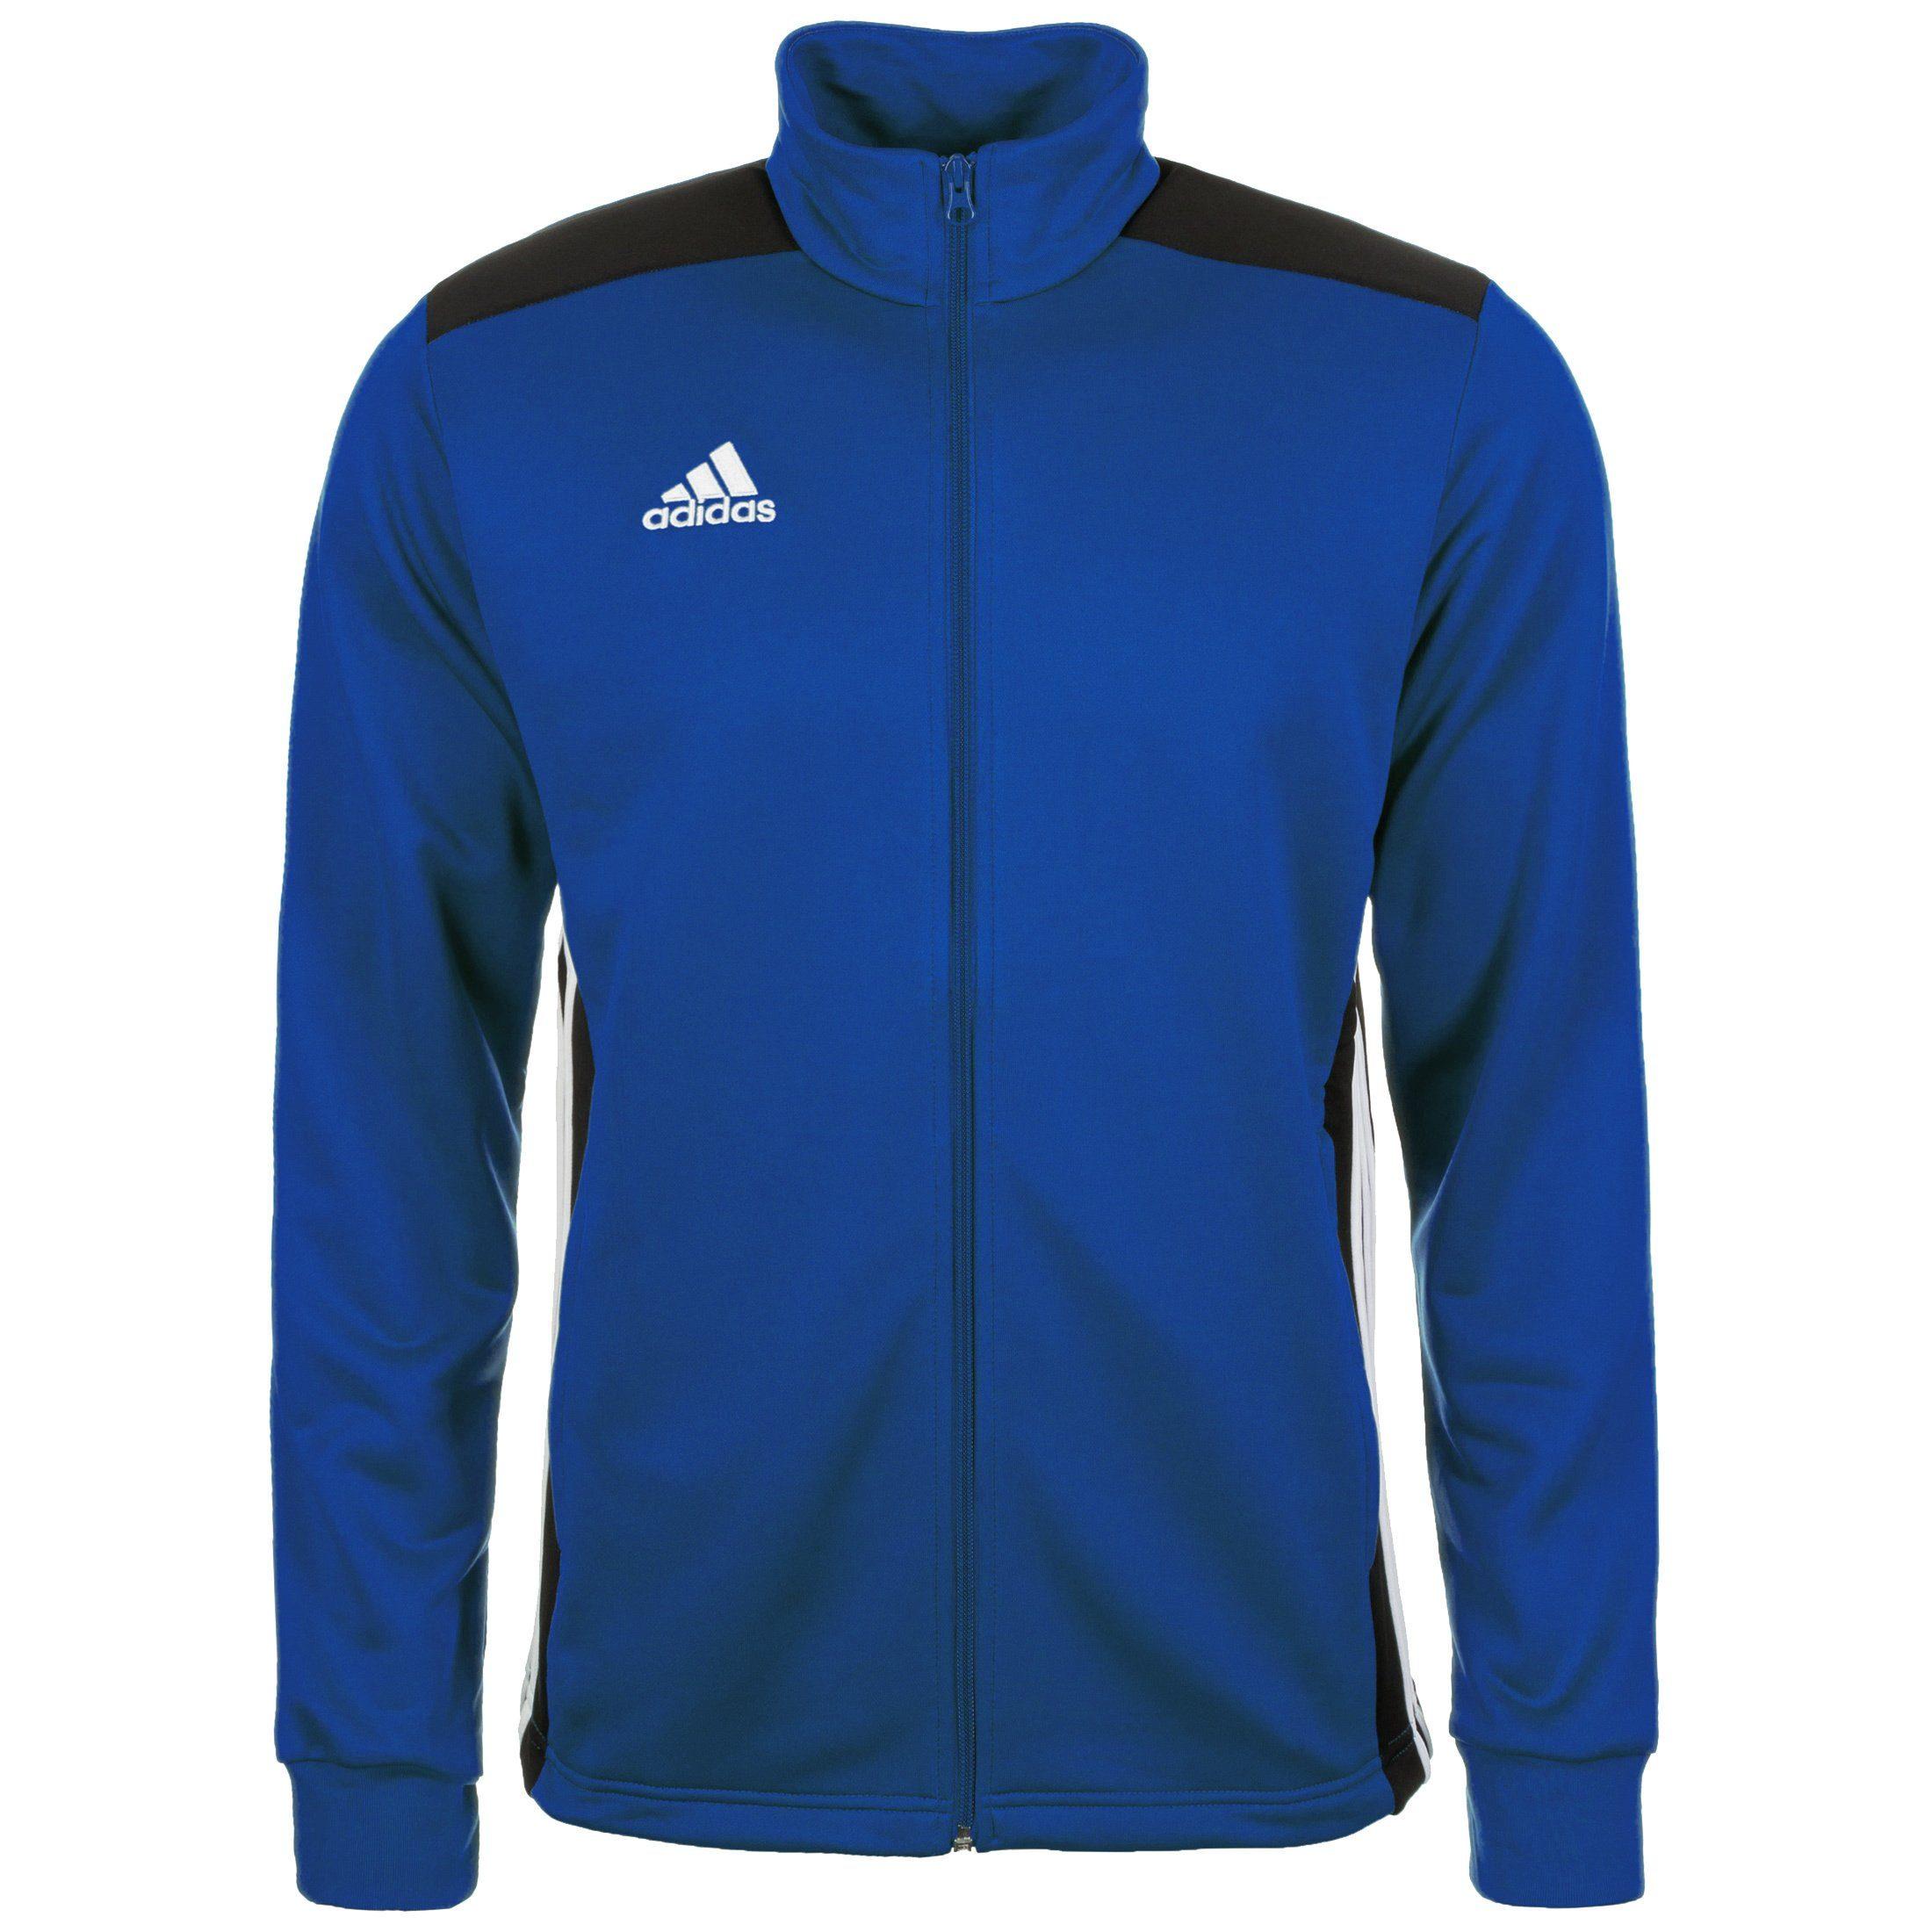 adidas Performance Trainingsjacke Regista 18   Sportbekleidung > Sportjacken > Trainingsjacken   Blau   Adidas Performance